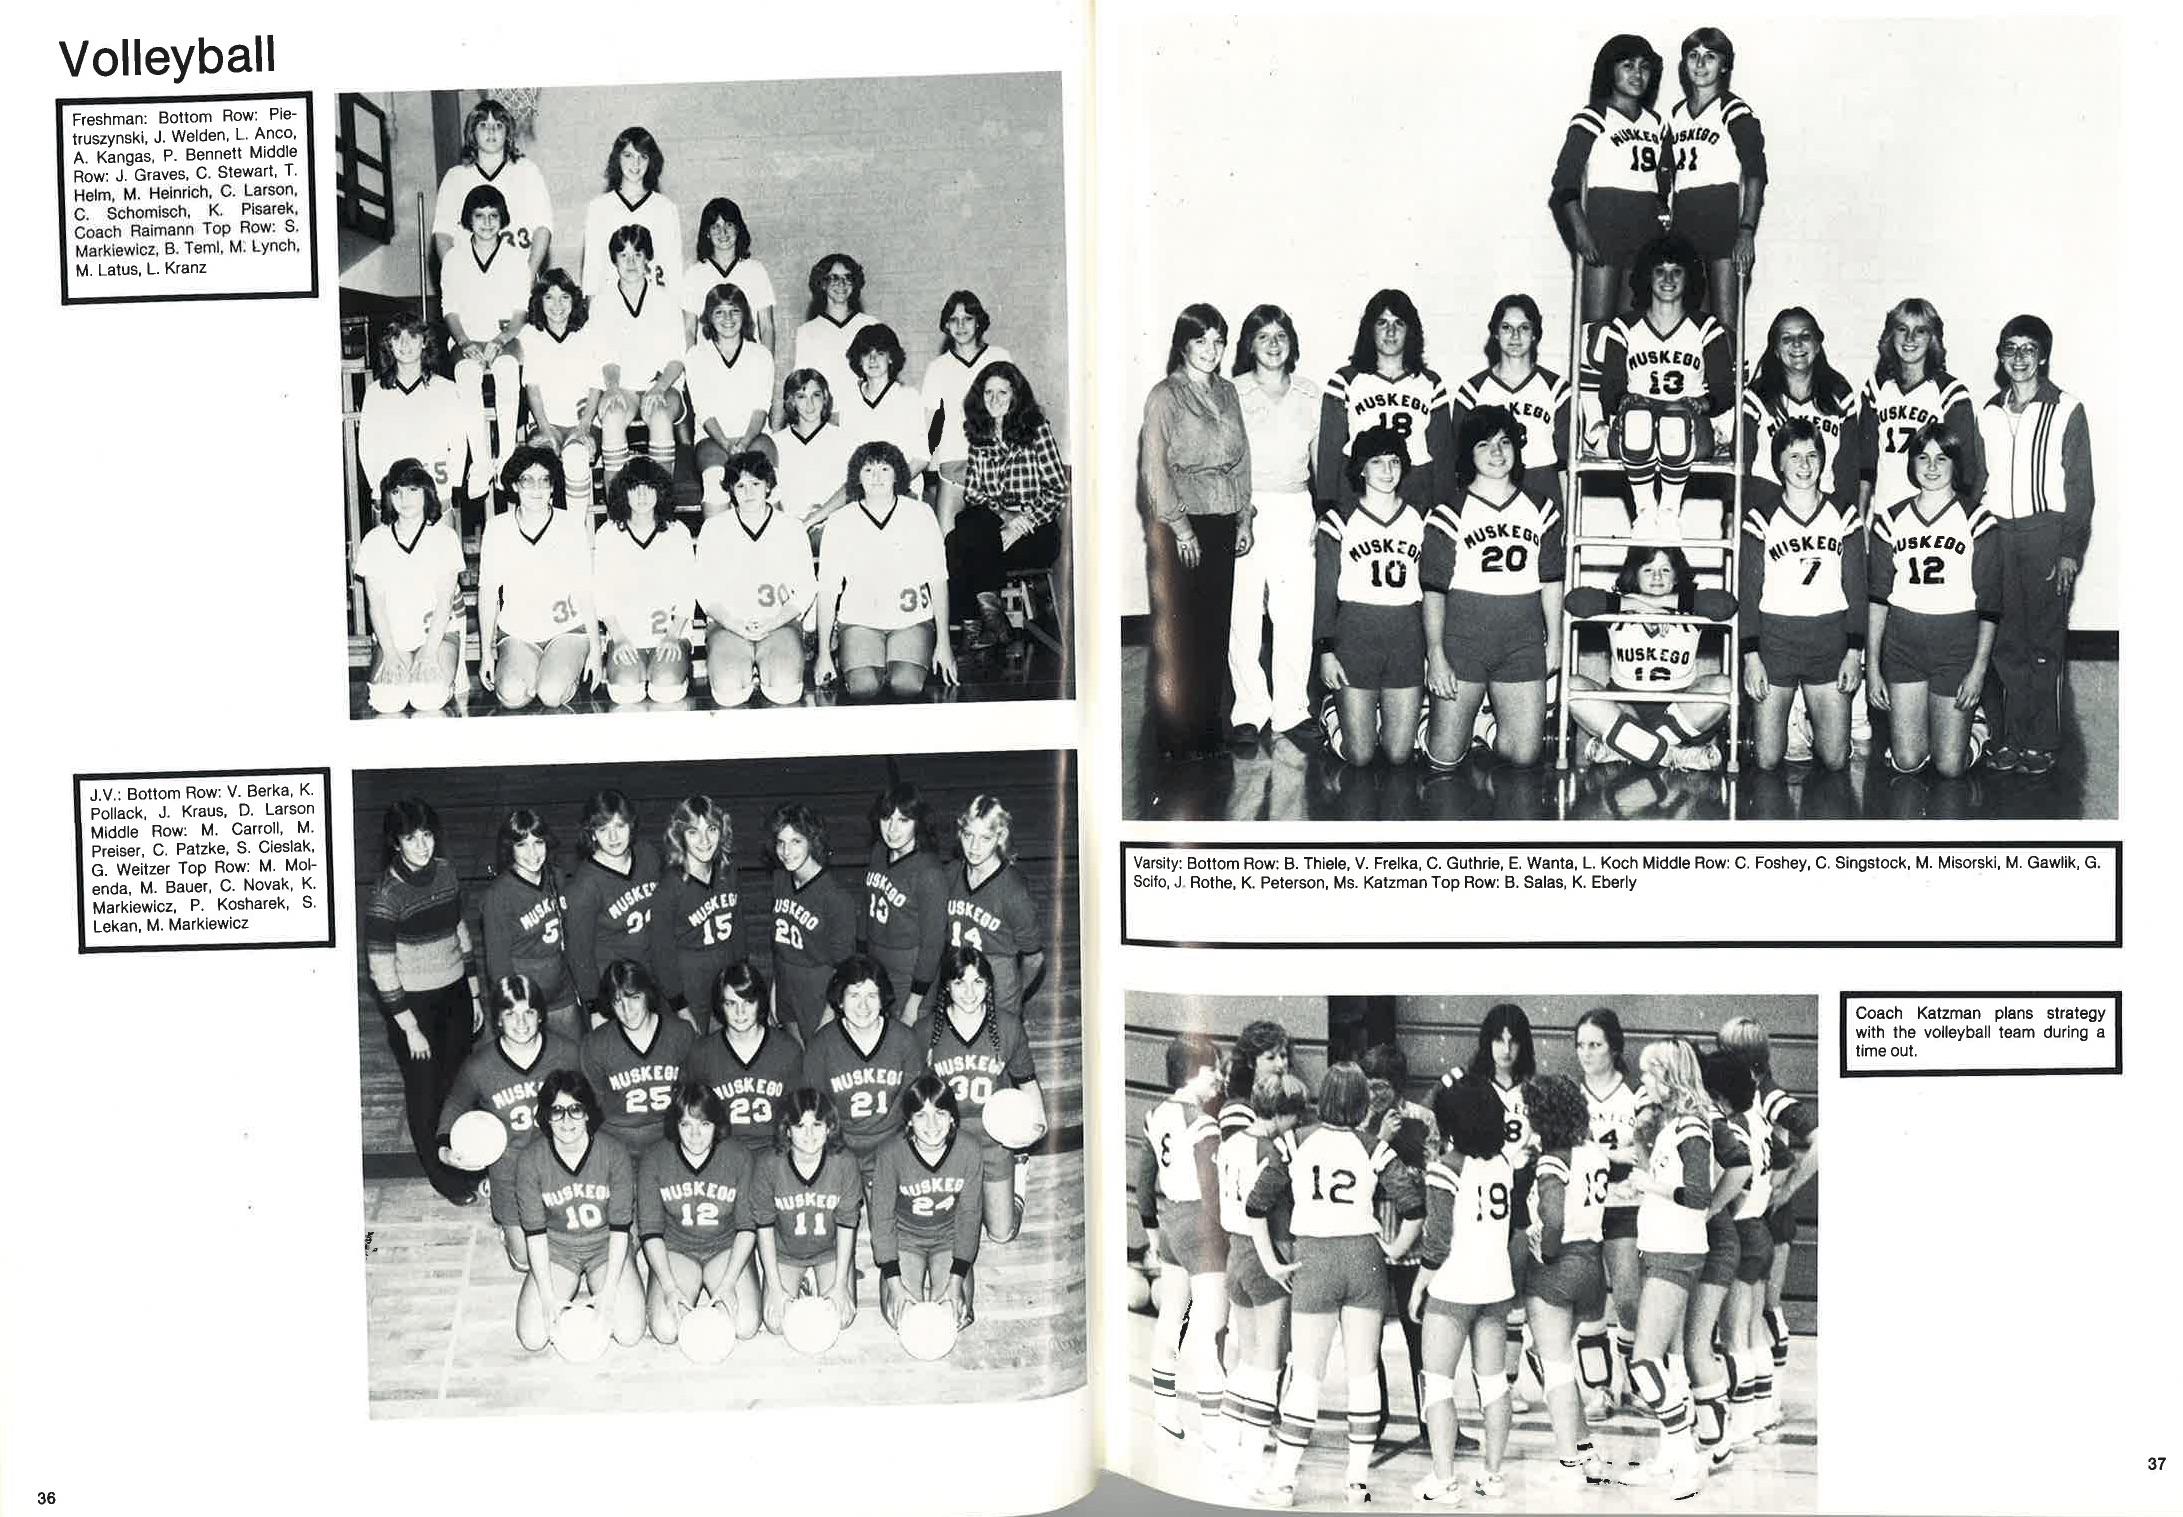 1981_Yearbook_36.jpg